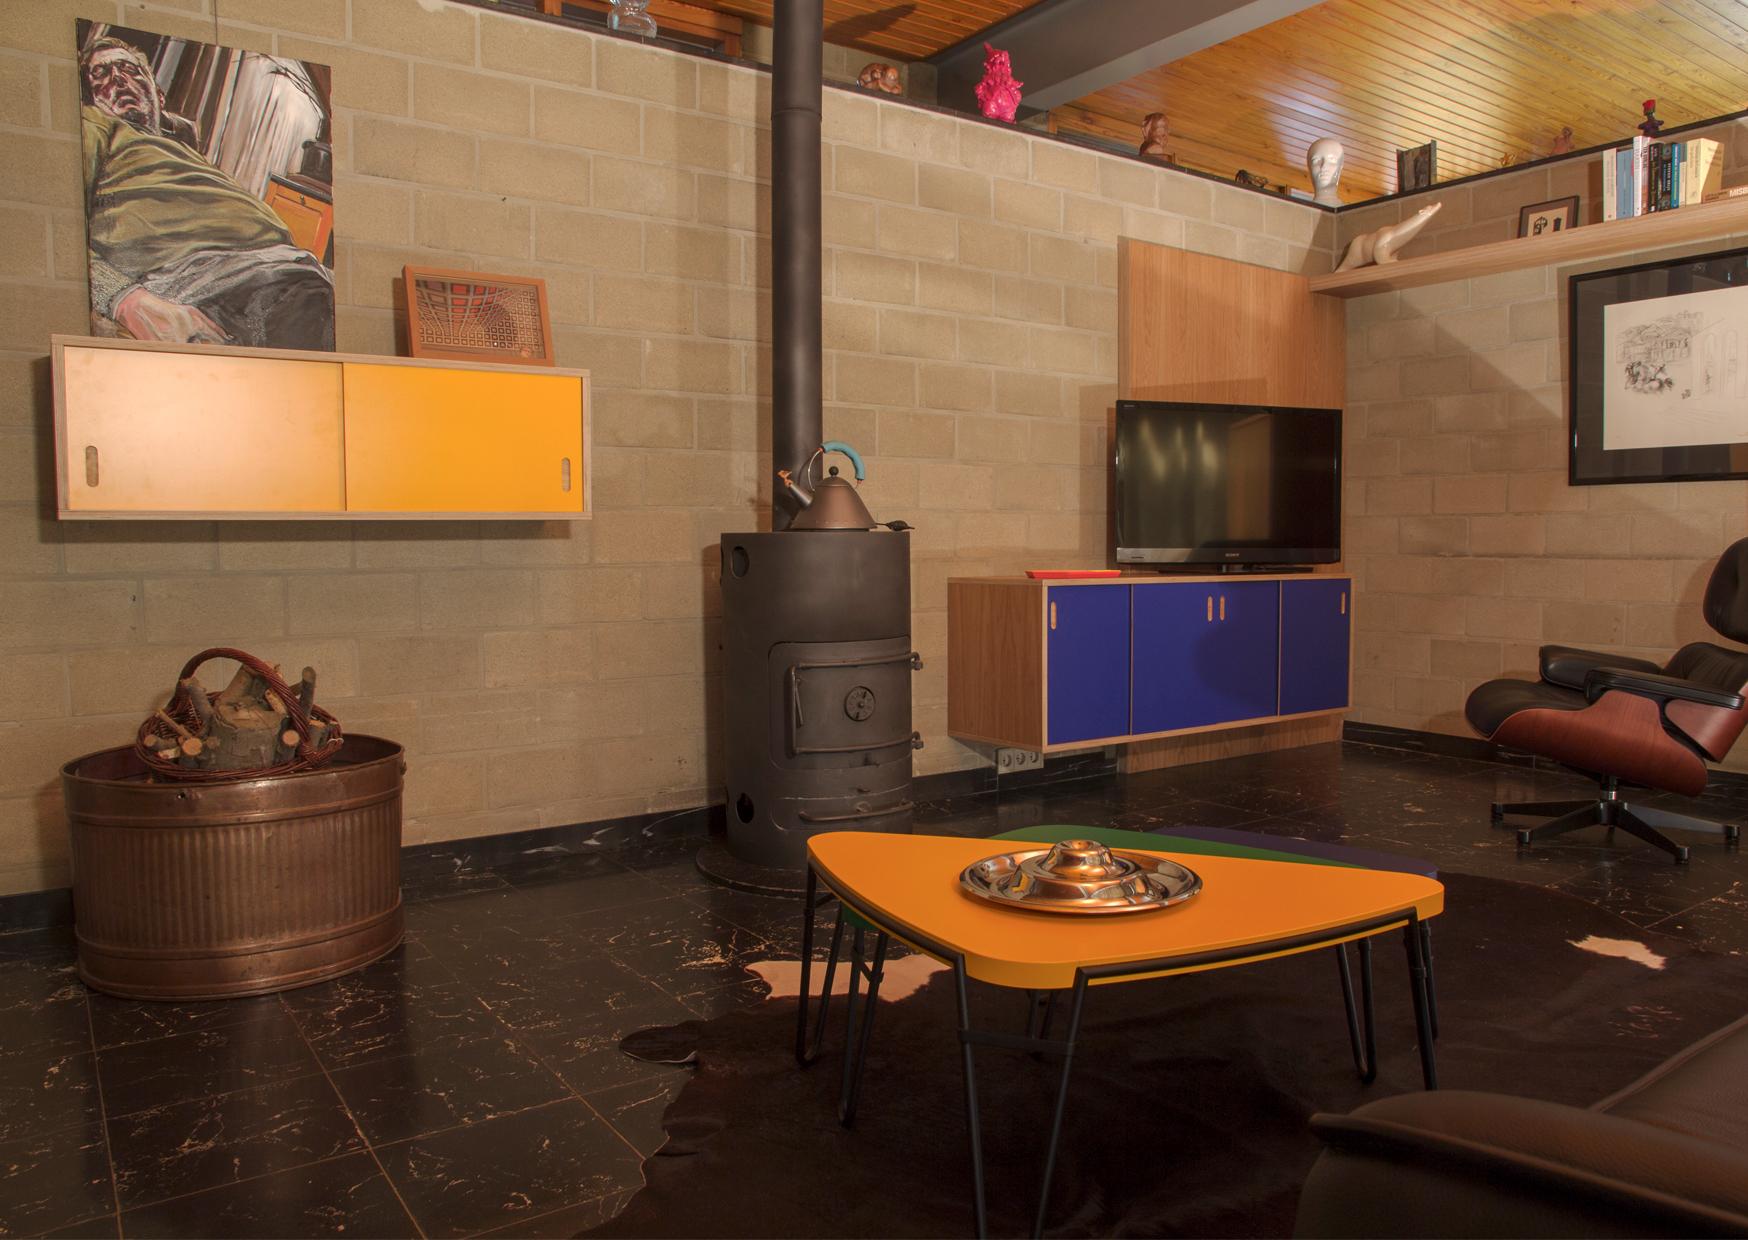 interieur_meubel_living.jpg